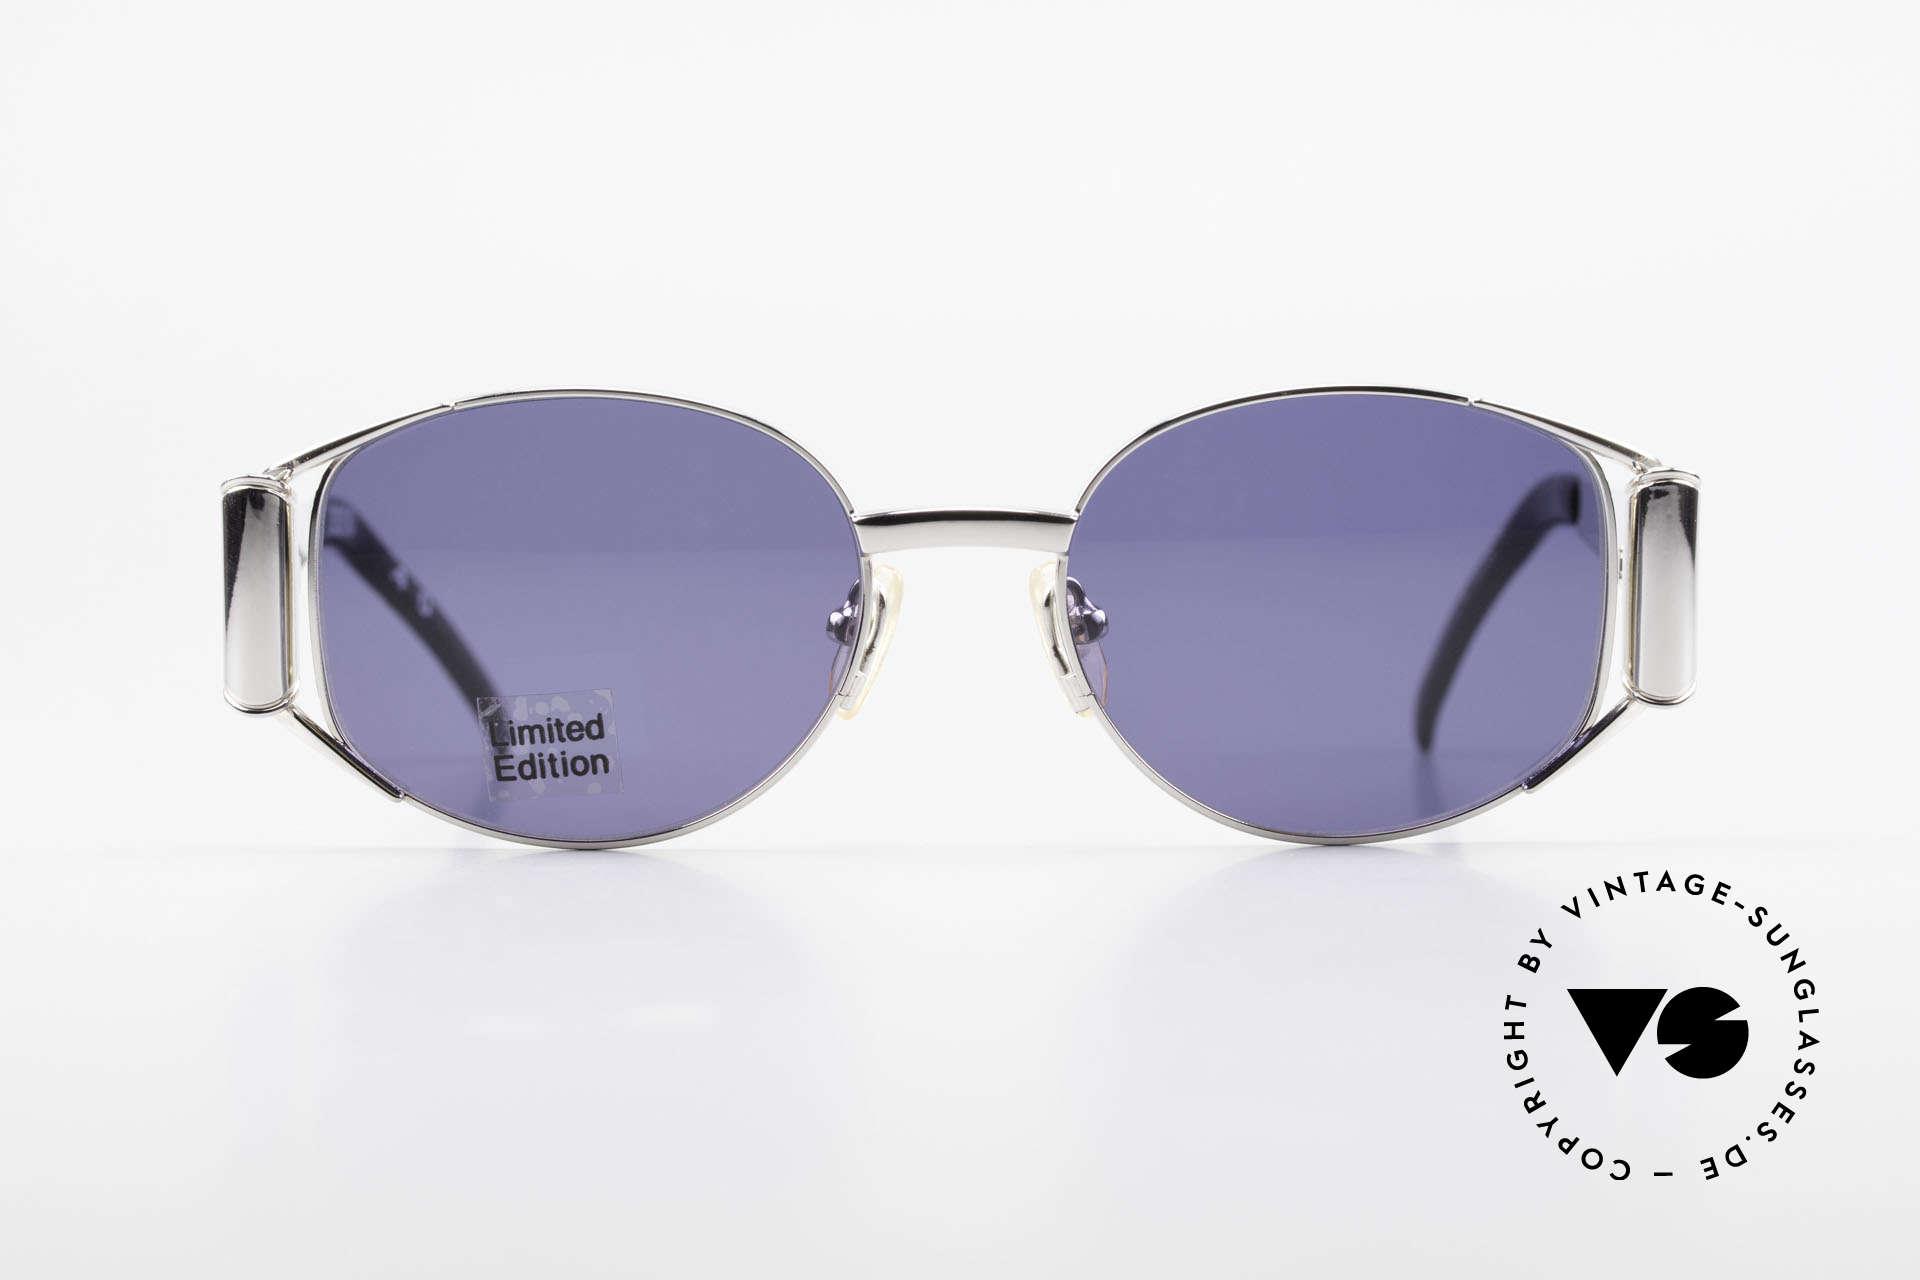 Yohji Yamamoto 52-5107 Limitierte Avantgarde Brille, subtiles aber außergewöhnliches Design; Avant-Garde!, Passend für Herren und Damen